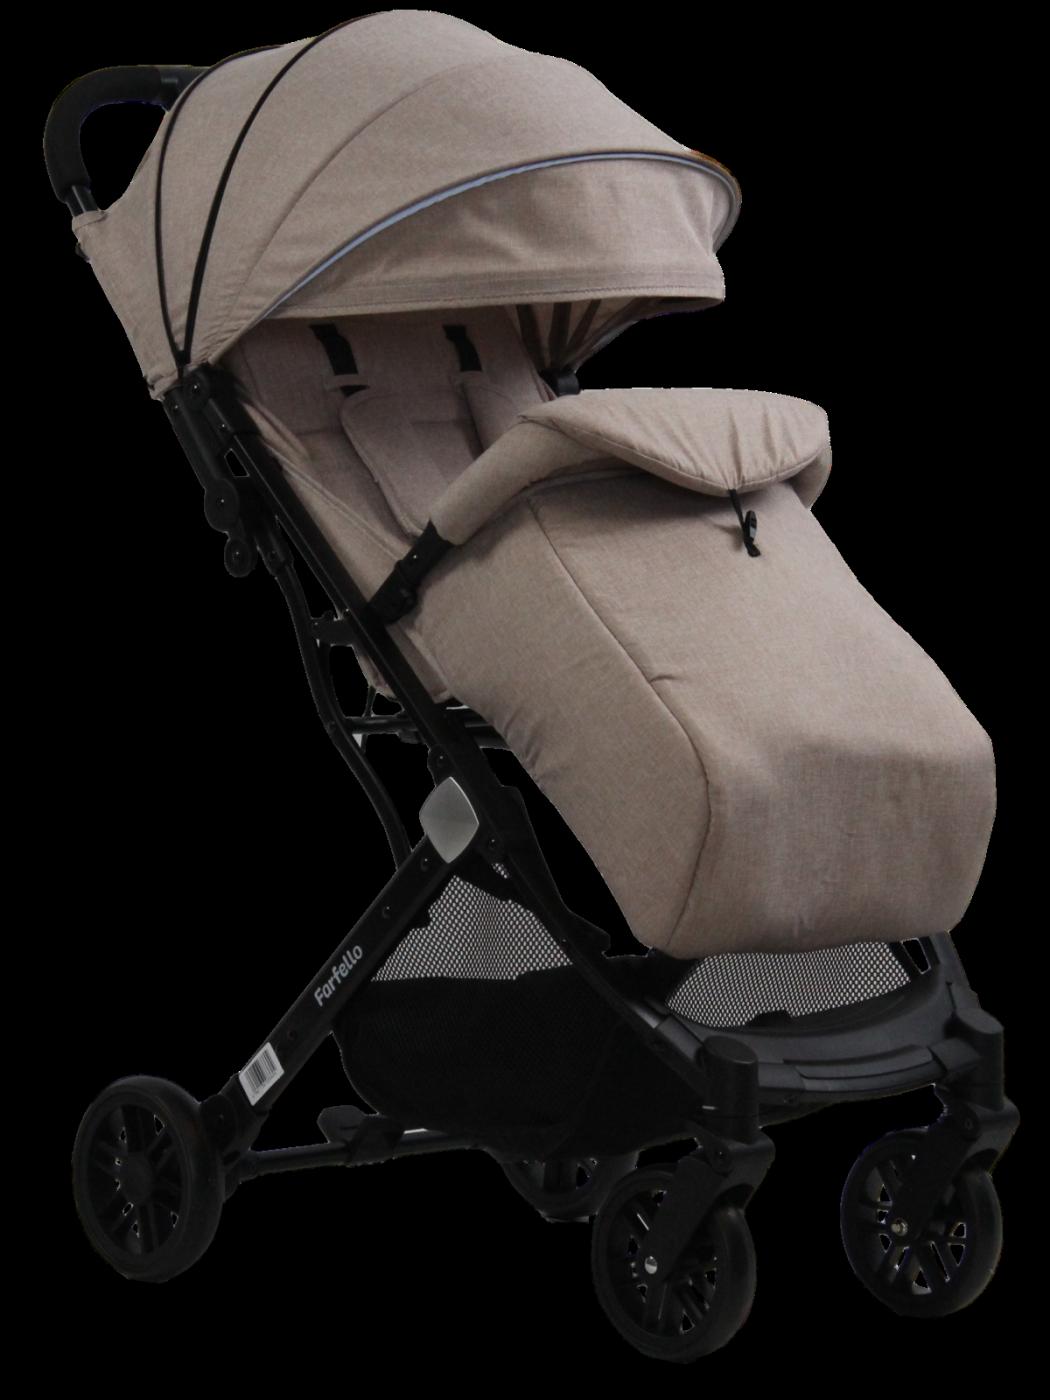 Коляска детская прогулочная Farfello Comfy Go Light beige/бежевый